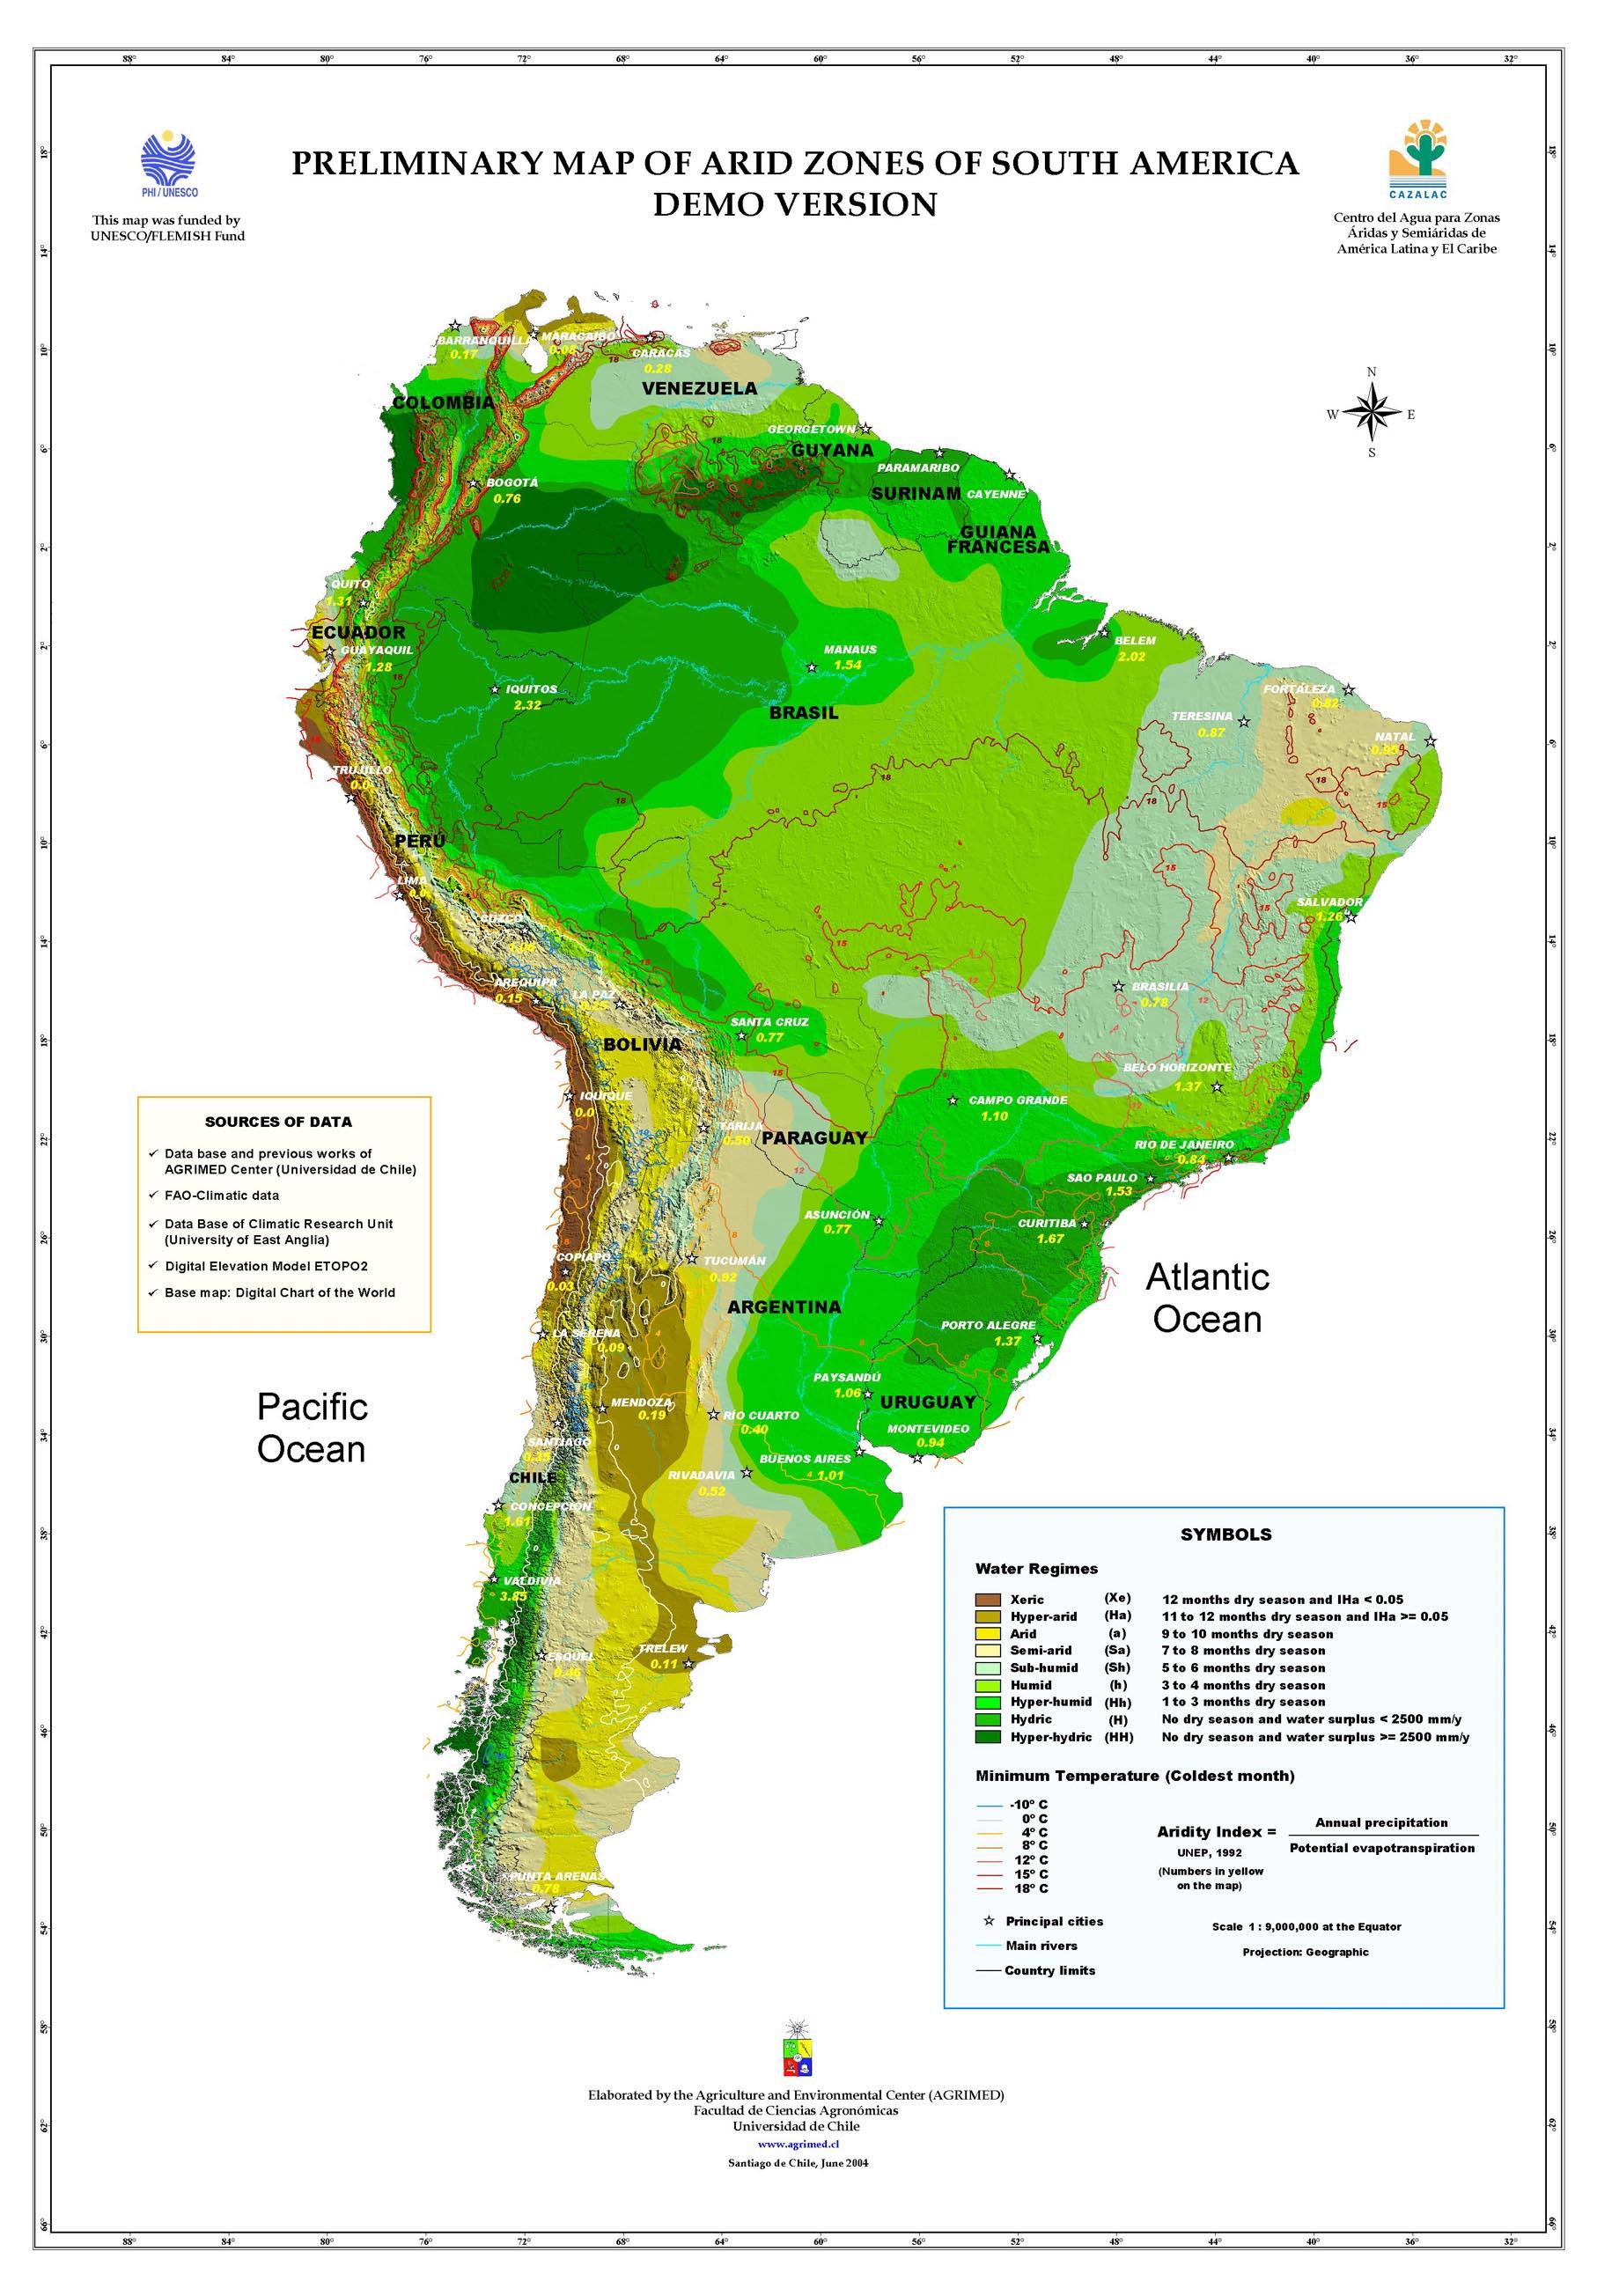 Zonas áridas de América del Sur 2004